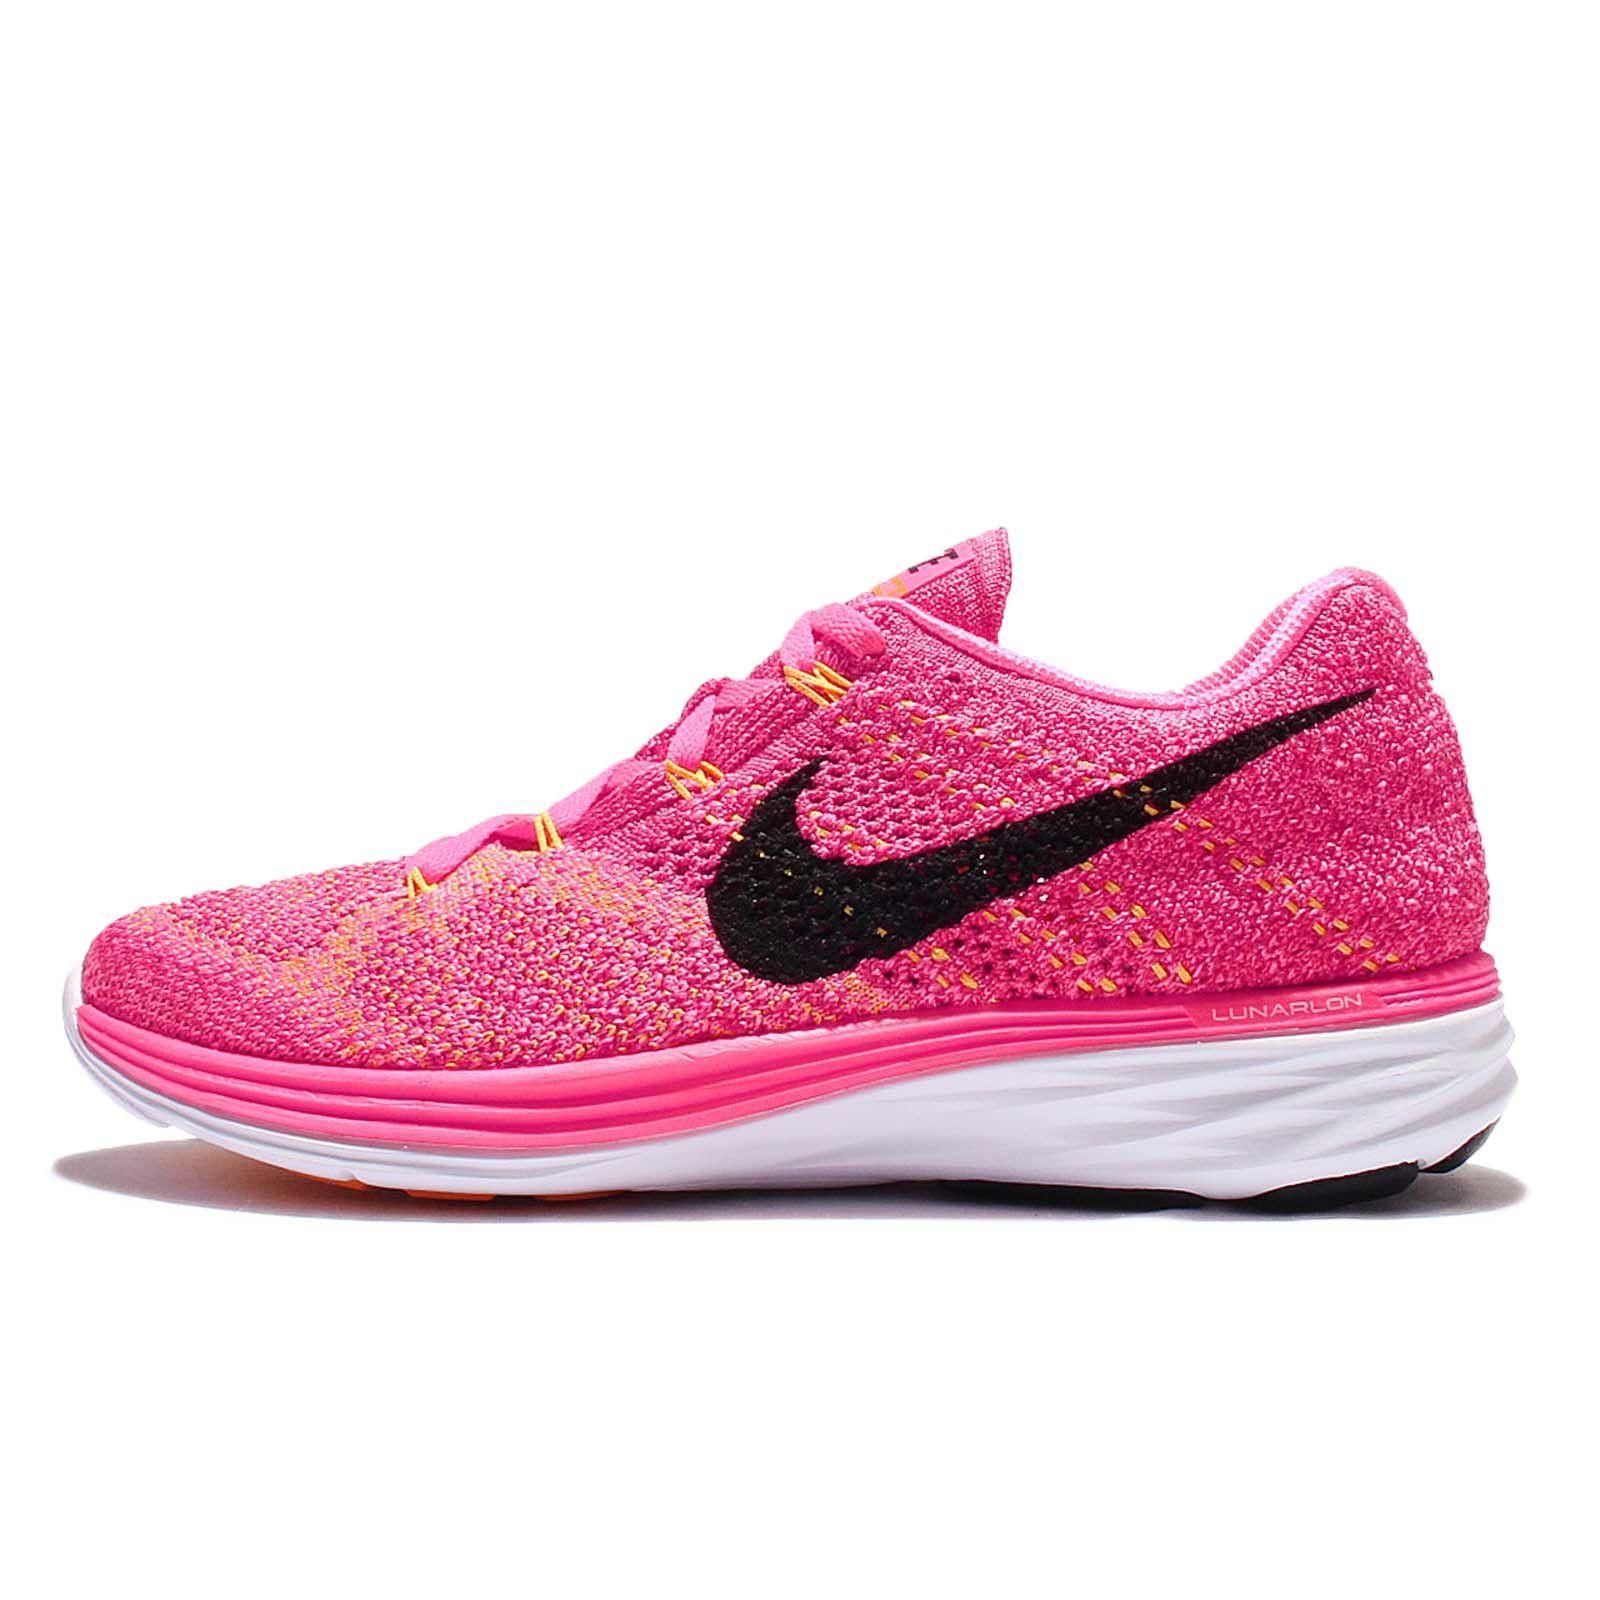 14cd95af1b7 Nike Women s Flyknit Lunar3 Running Shoe Pink Blast Womens Size 9 US. Model  Number  698182603. Gender  womens. Color  PINK BLAST BLACK-FIREBERRY-LASER  ...